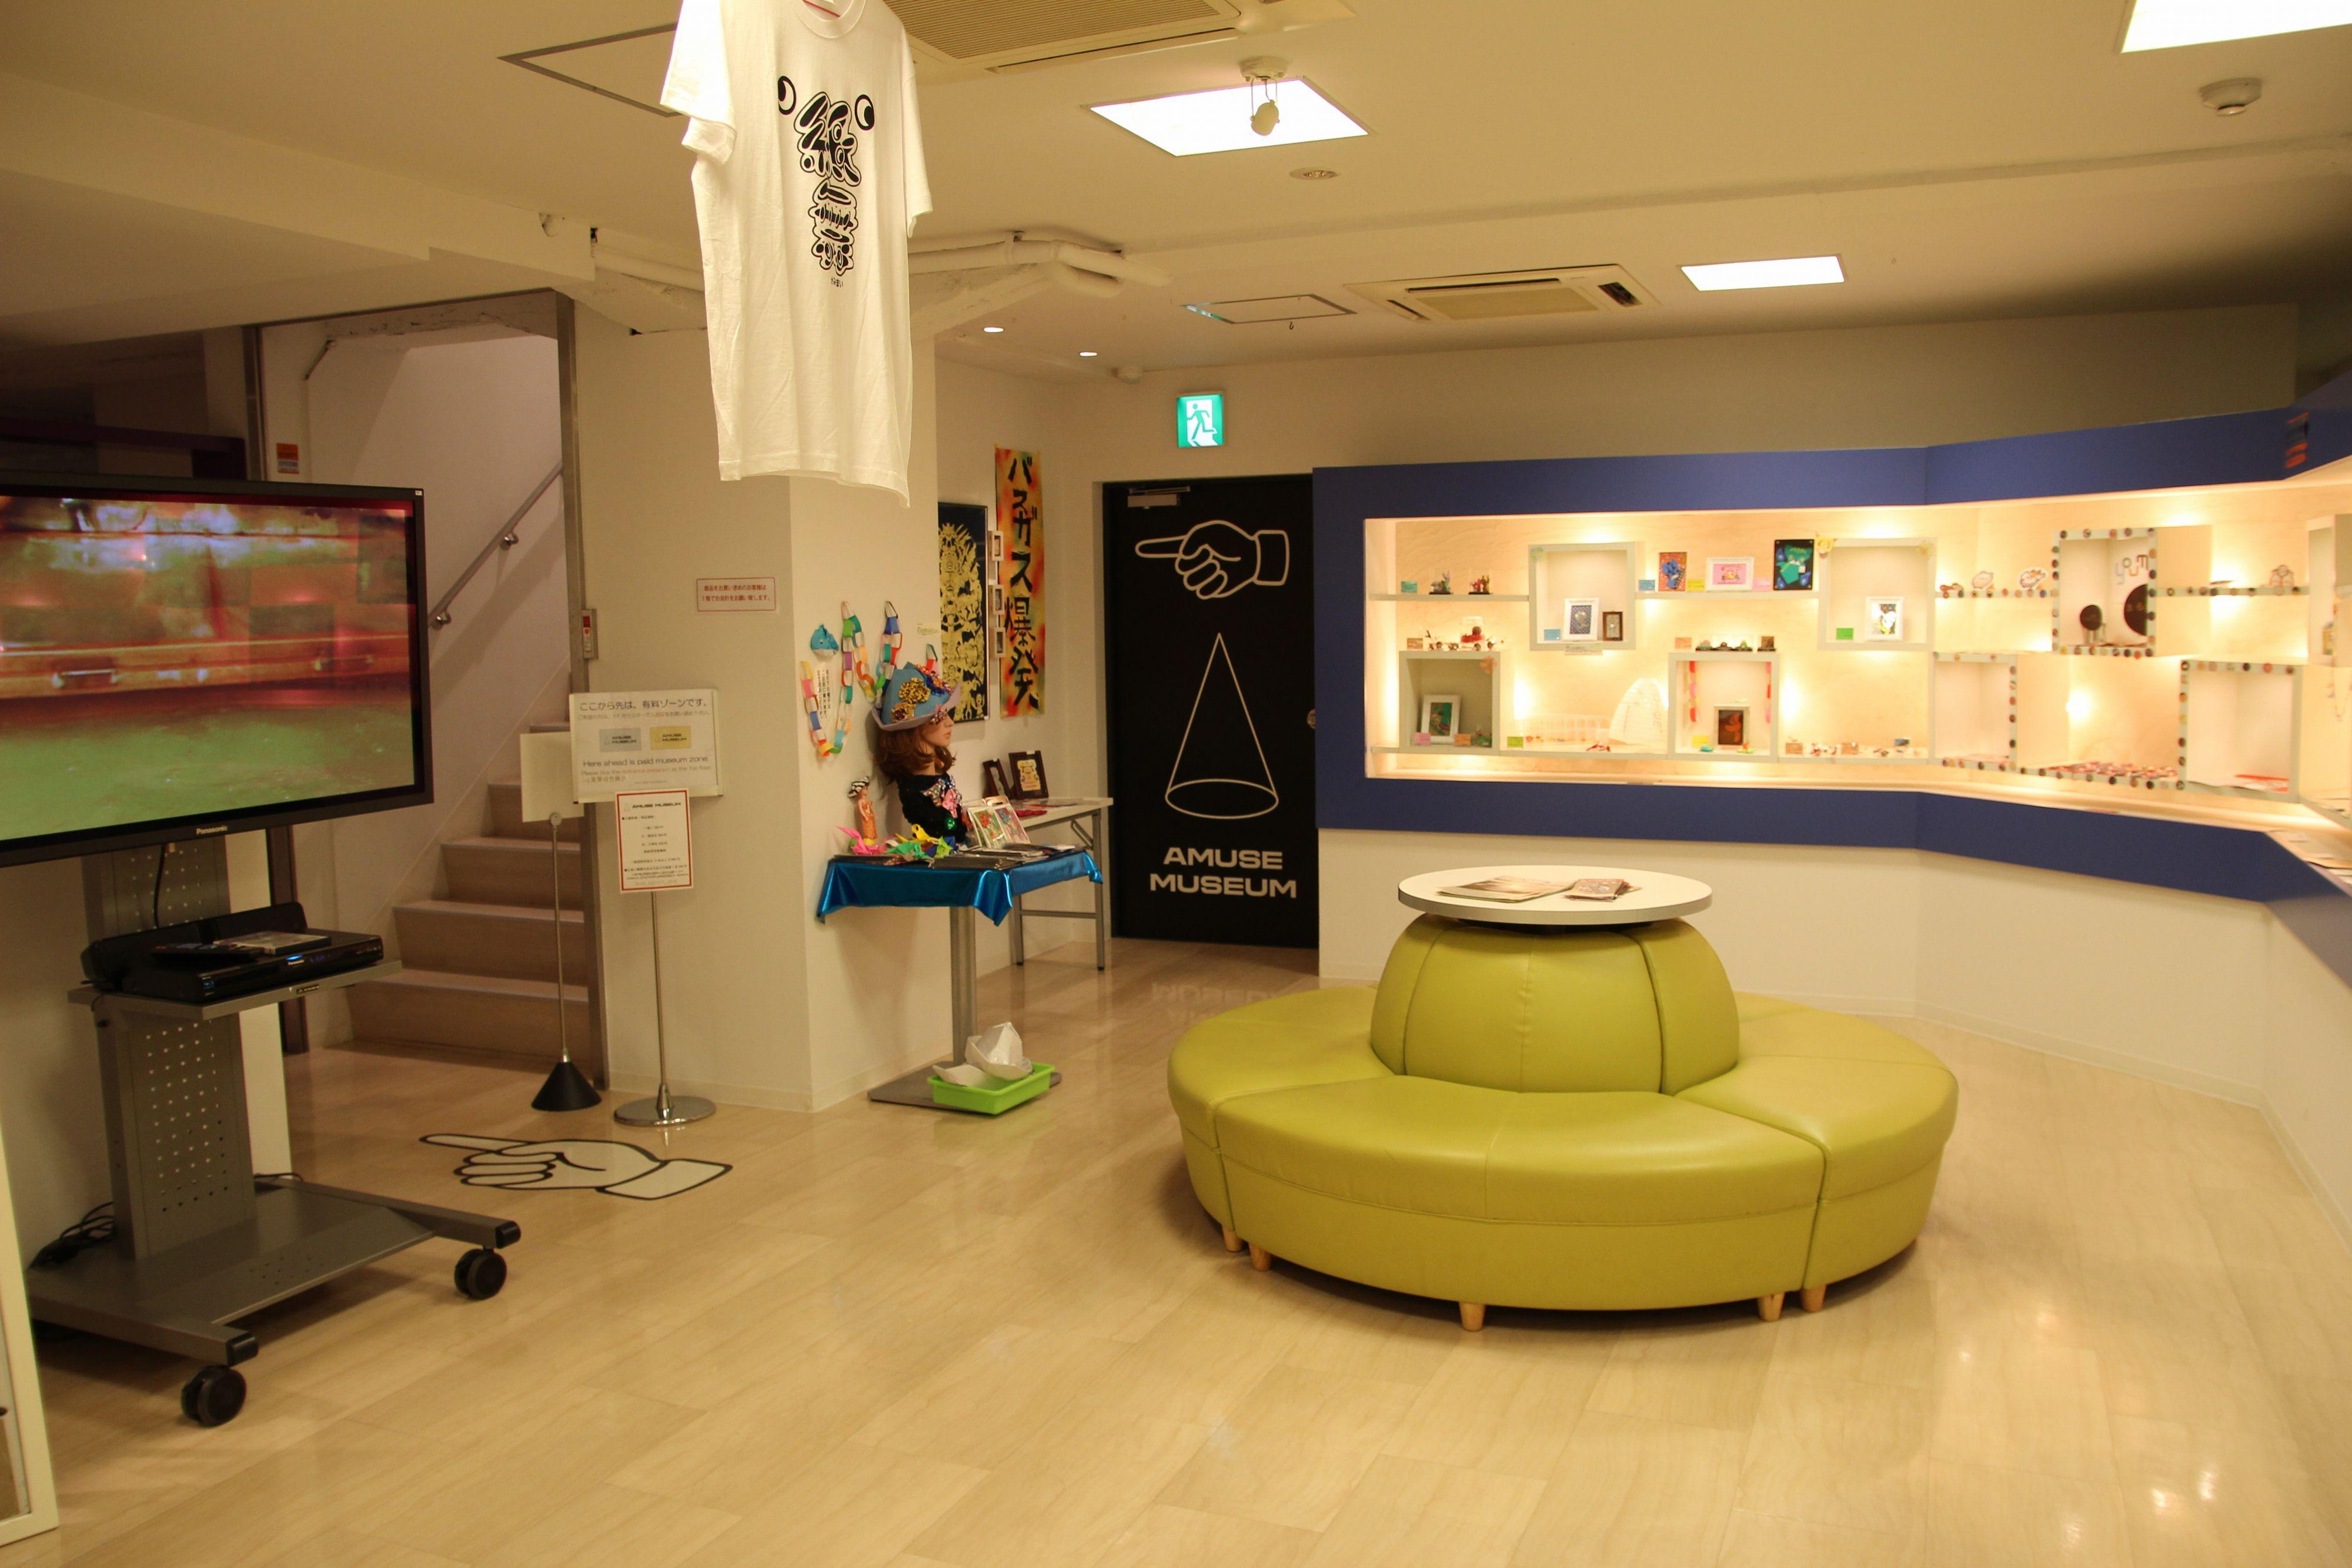 大紙展@浅草アミューズミュージアム~紙を用いた様々な表現と出会い、紙の魅力的な表情を楽しむ企画展~